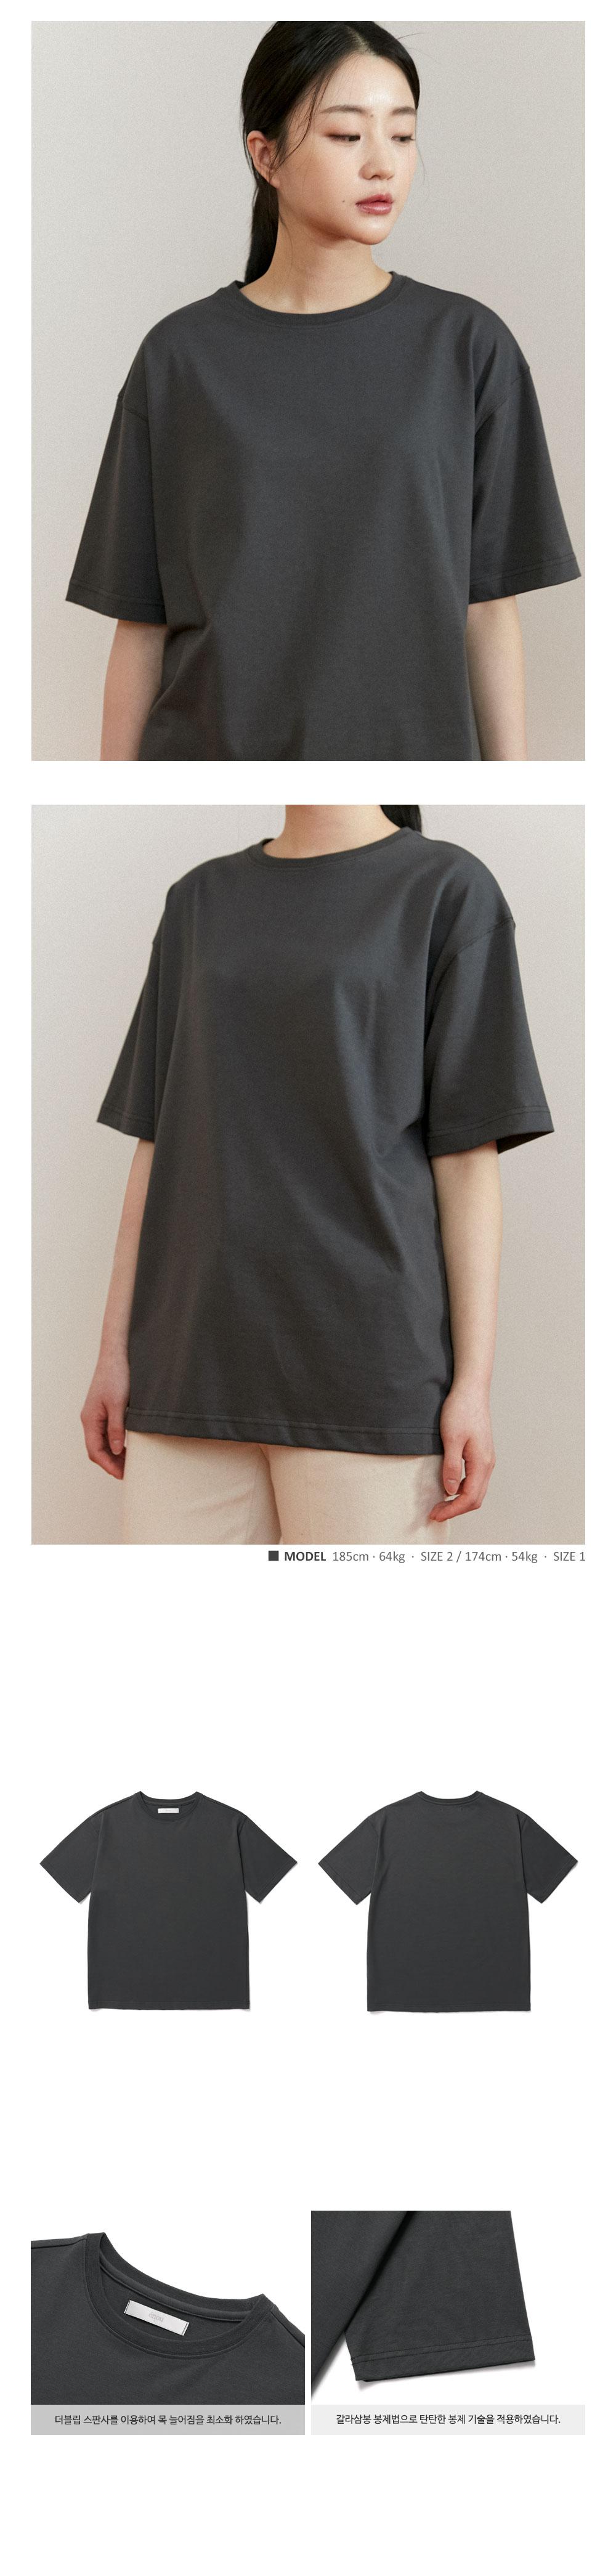 에노우(ENOU) 릴렉스 티셔츠_그레이(EN2AMMT501A)